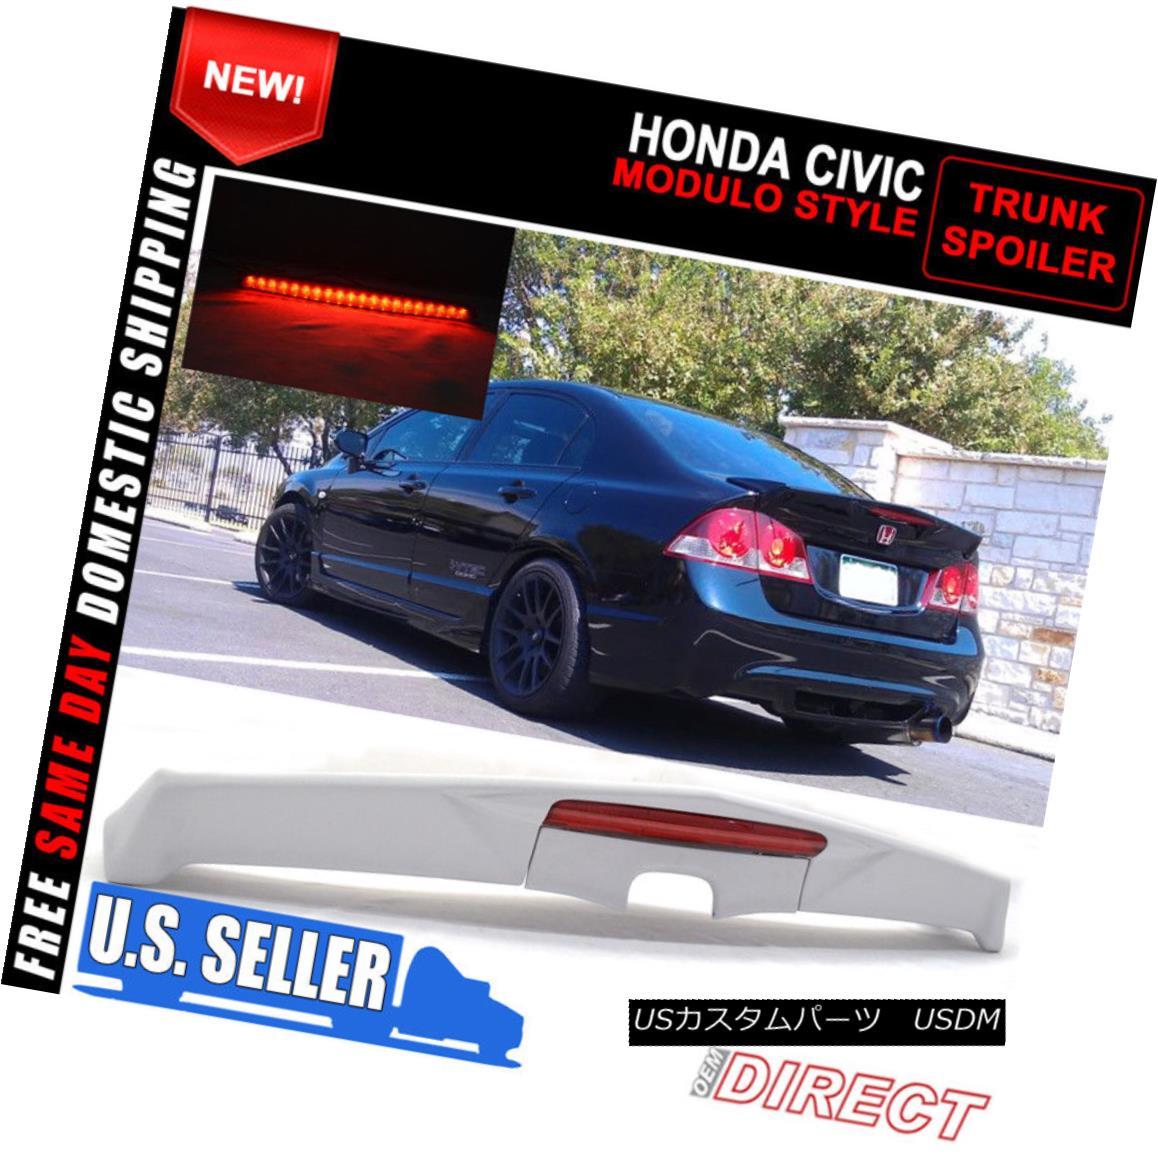 エアロパーツ 06-11 Honda Civic Modulo Trunk Spoiler With Led - FRP 06-11ホンダシビックモジュロトランク・スポイラー(Led - FRP付き)